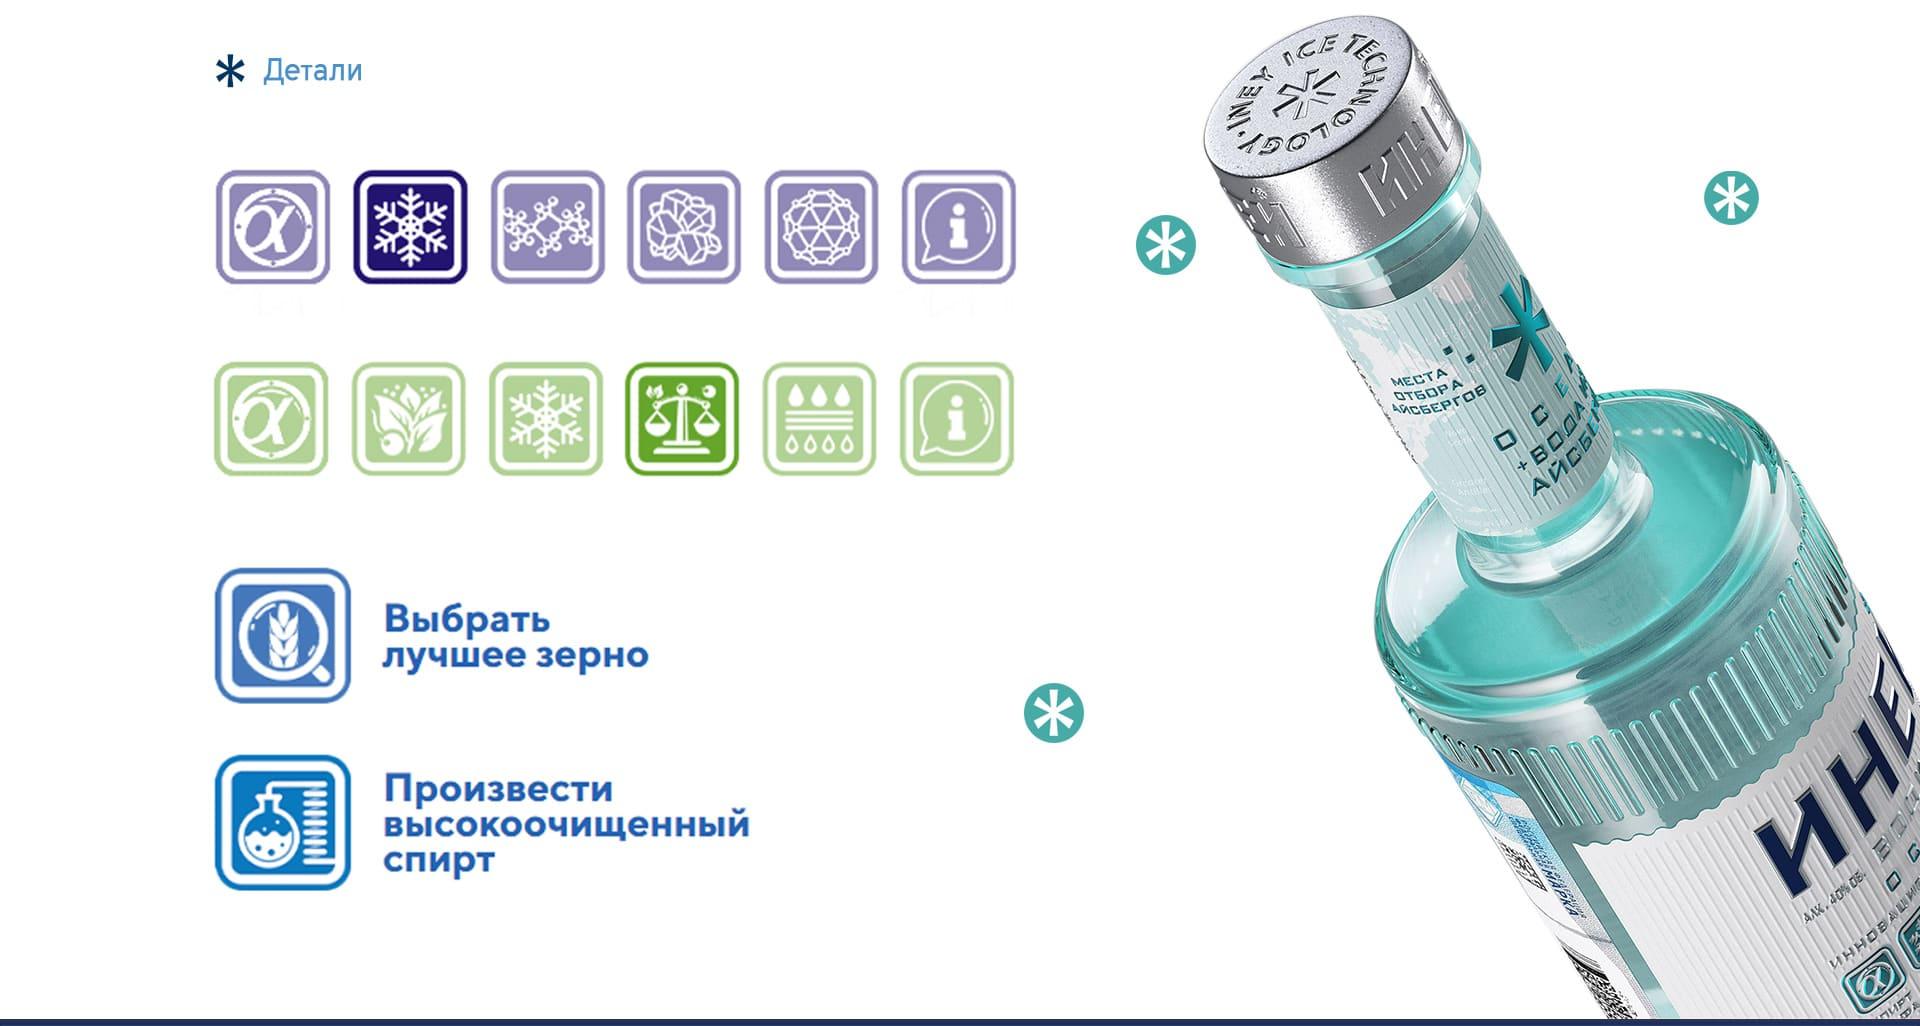 иконки для дизайна продающего лендинга водки